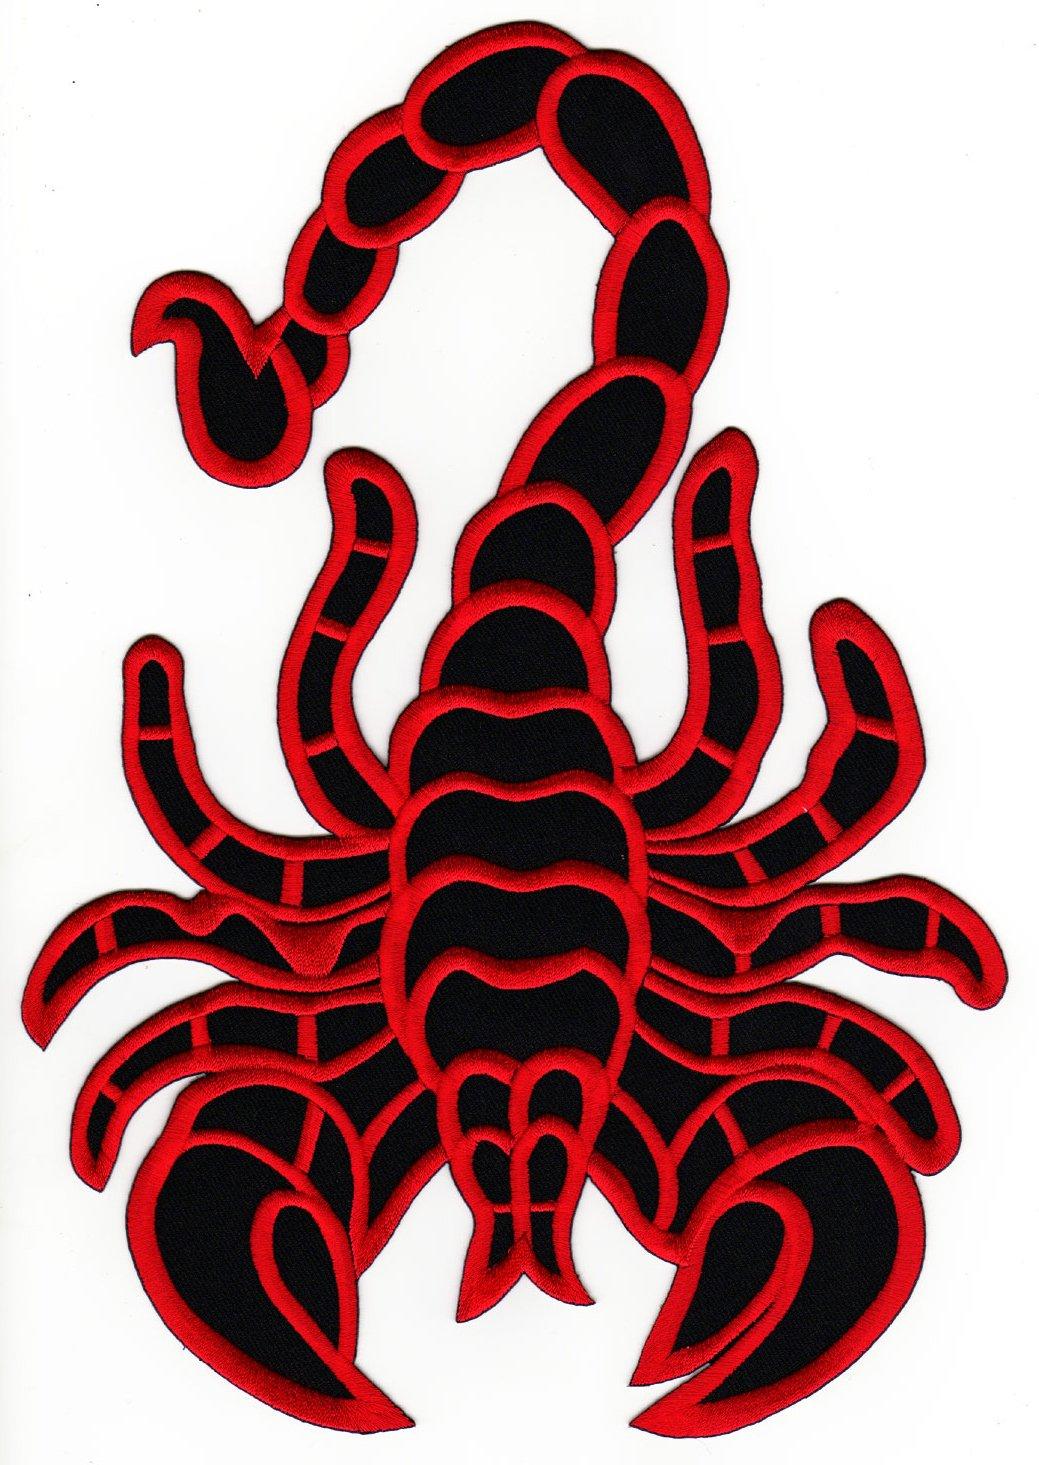 Skorpion Backpatch Rü ckenaufnä her Biker Weste Kleidung Kutte Scorpion ca. 20 x 28 cm Bestellmich.com